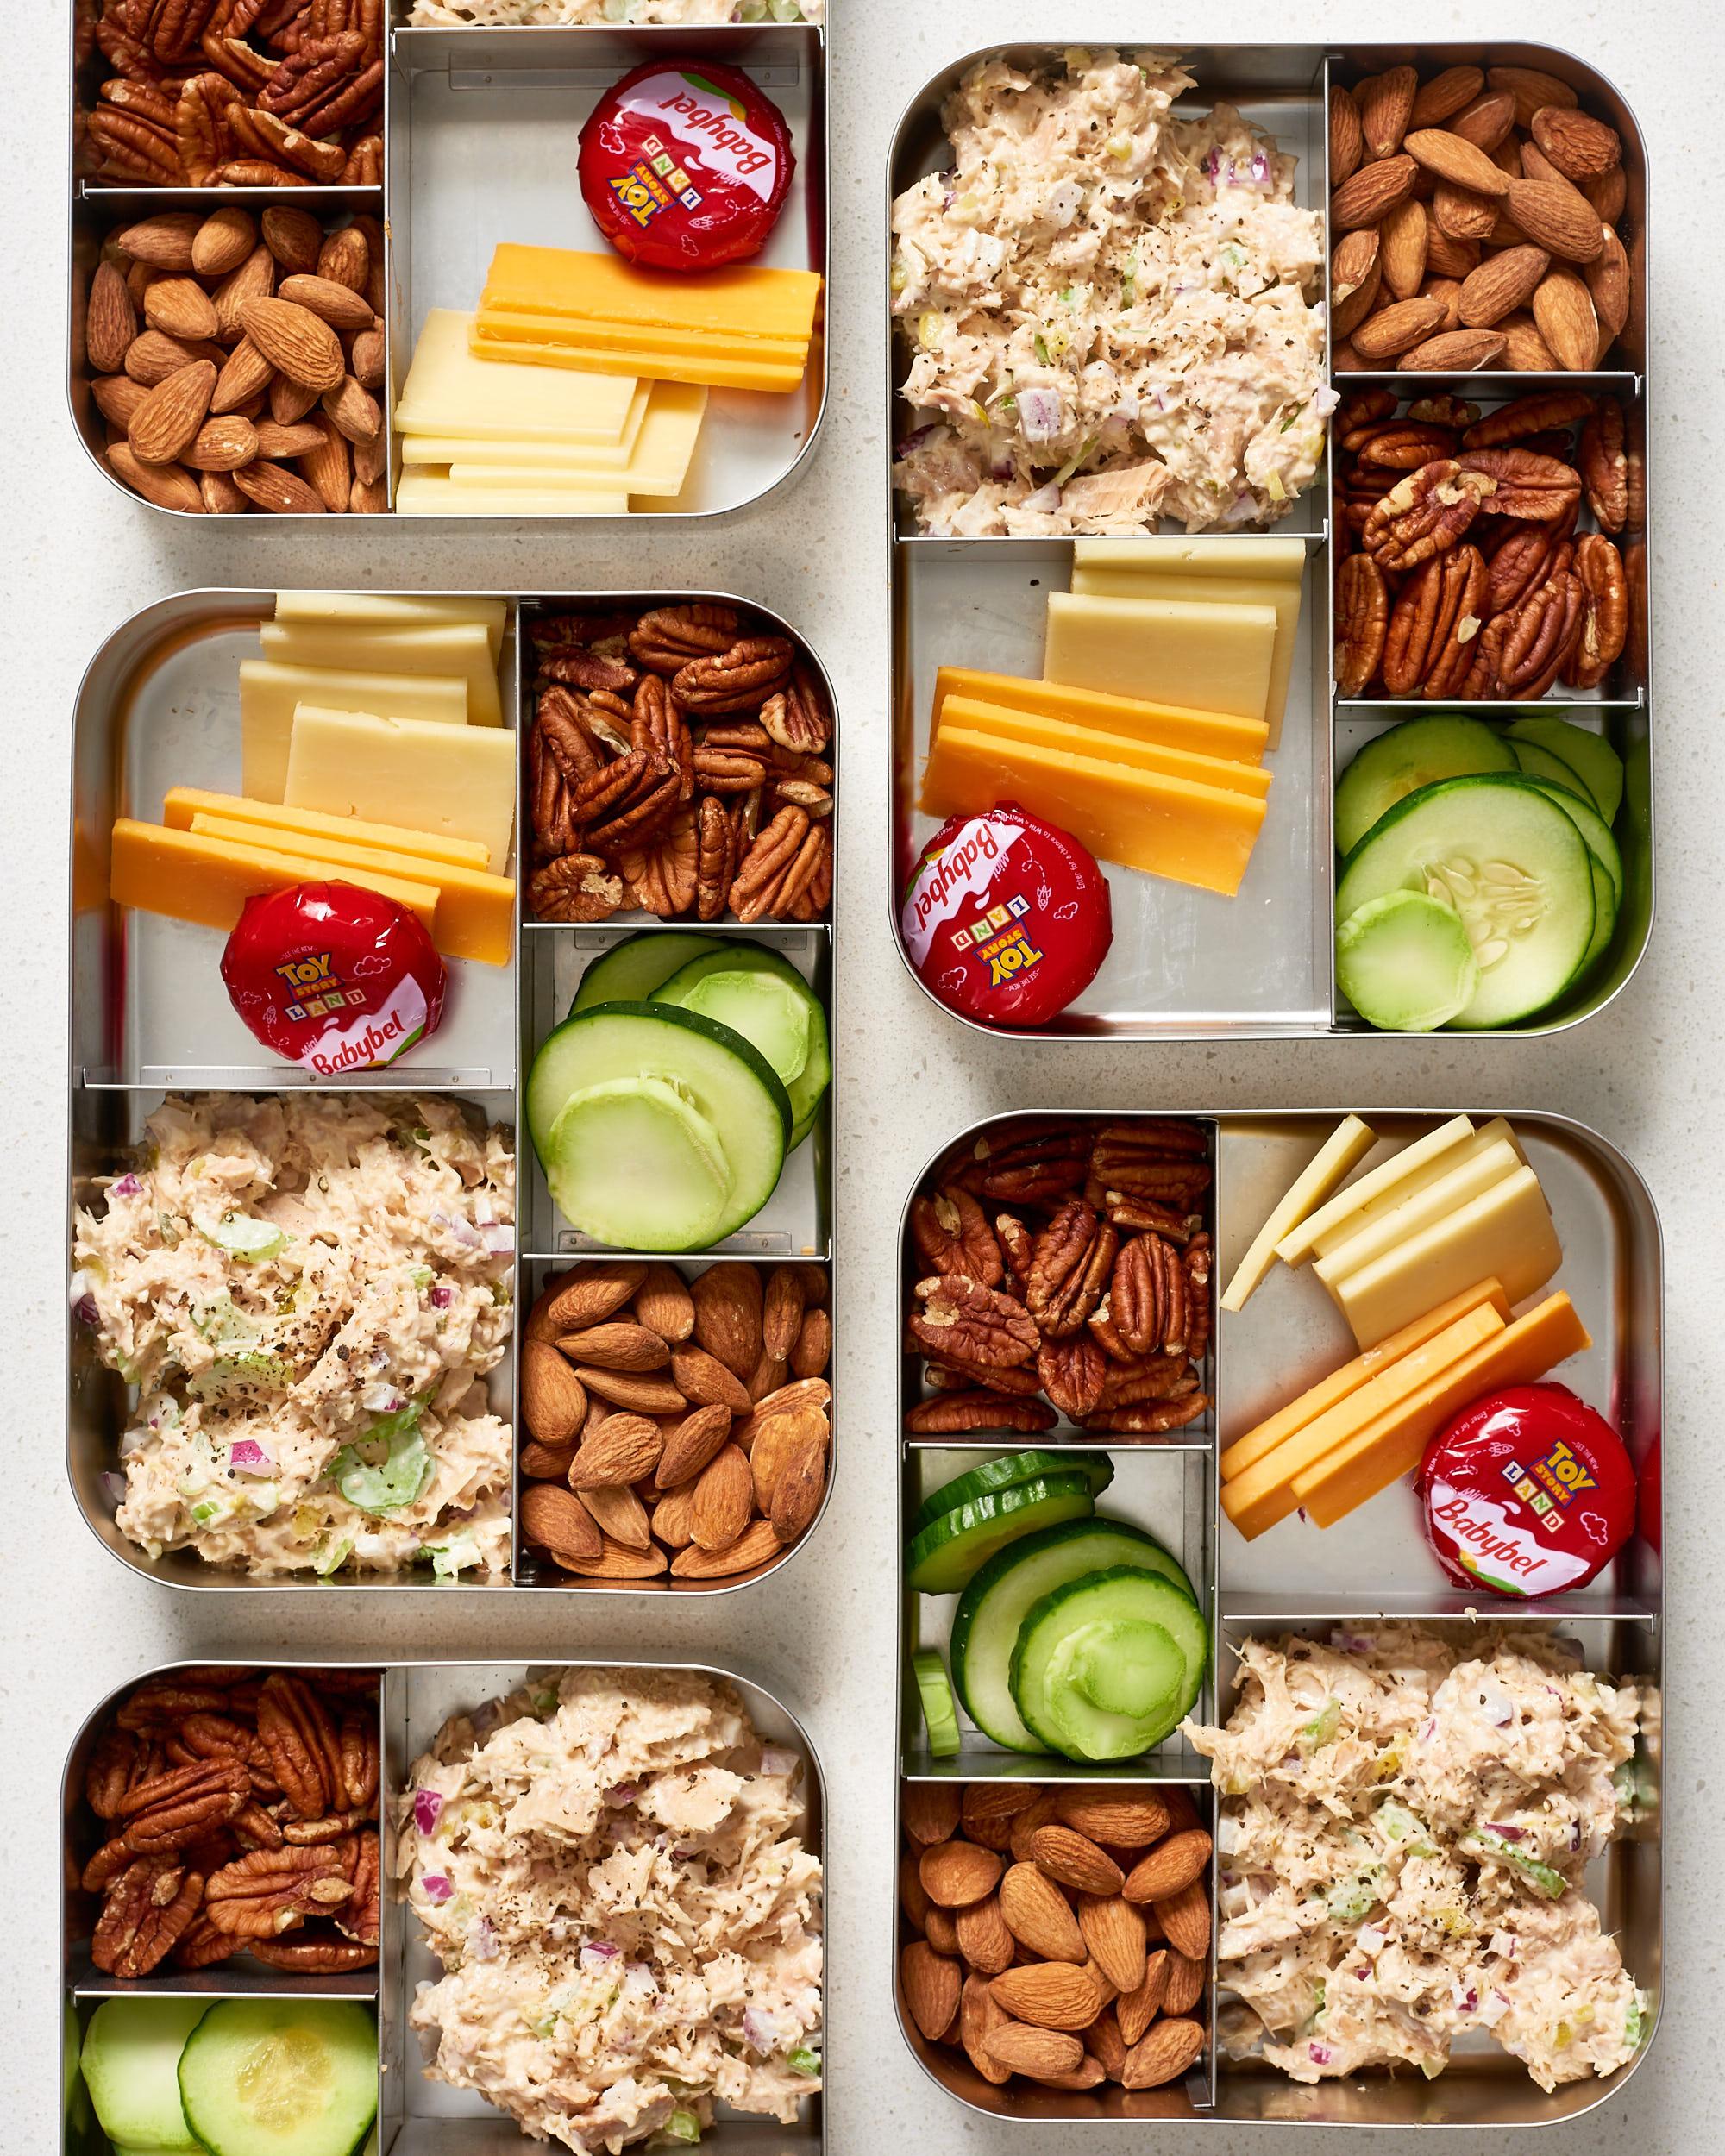 Design Dinner Meal Ideas For Keto